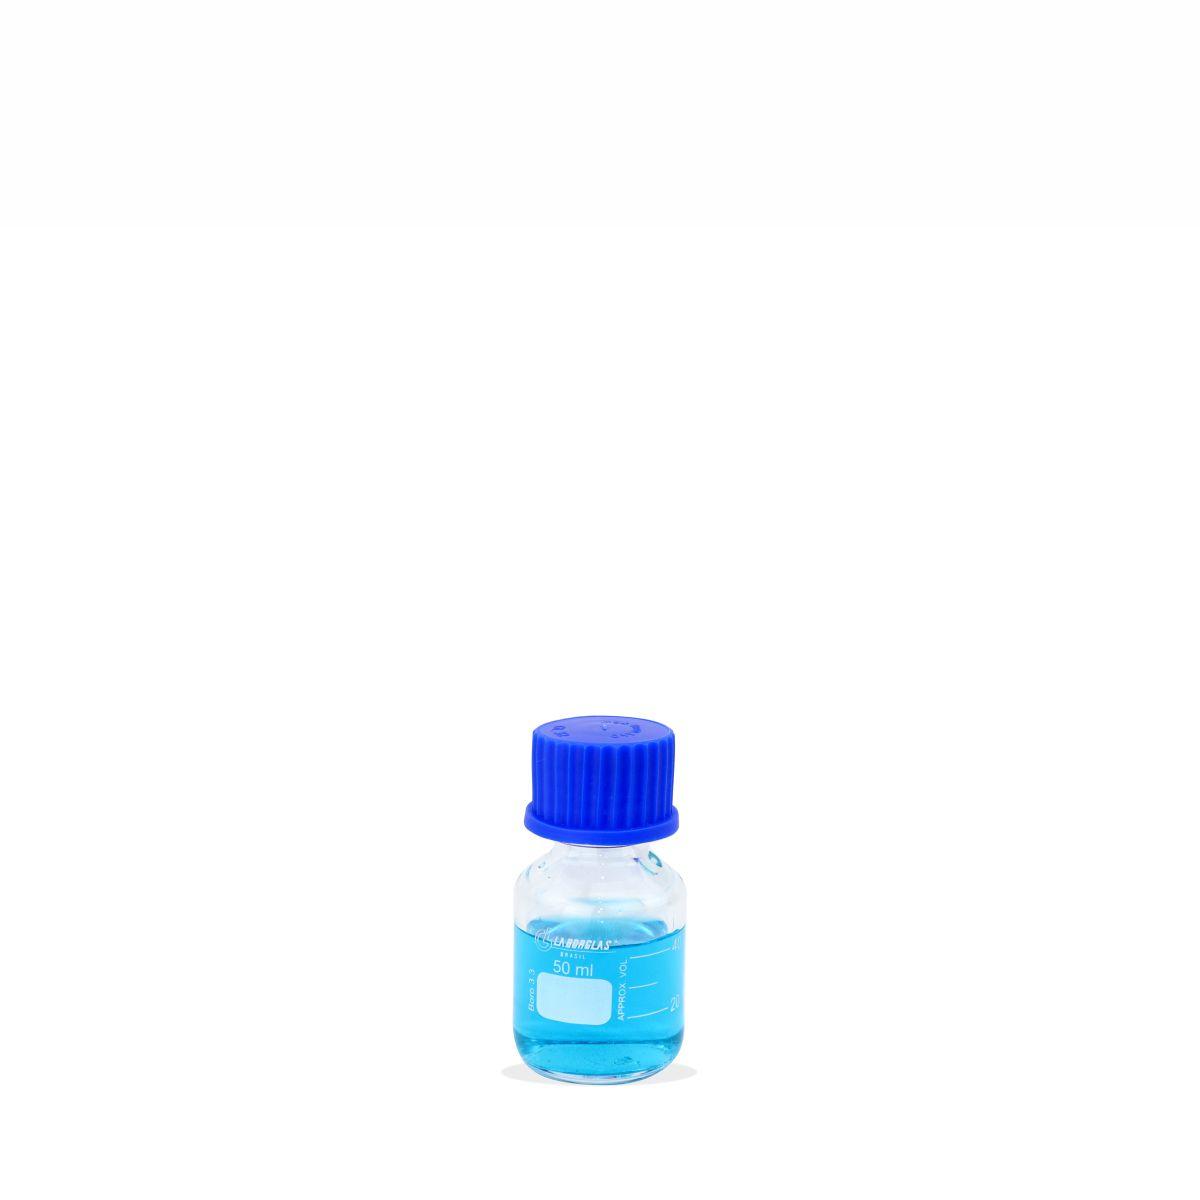 Frasco Reagente Graduado com Tampa Rosca Anti-gotas Azul 50 mL